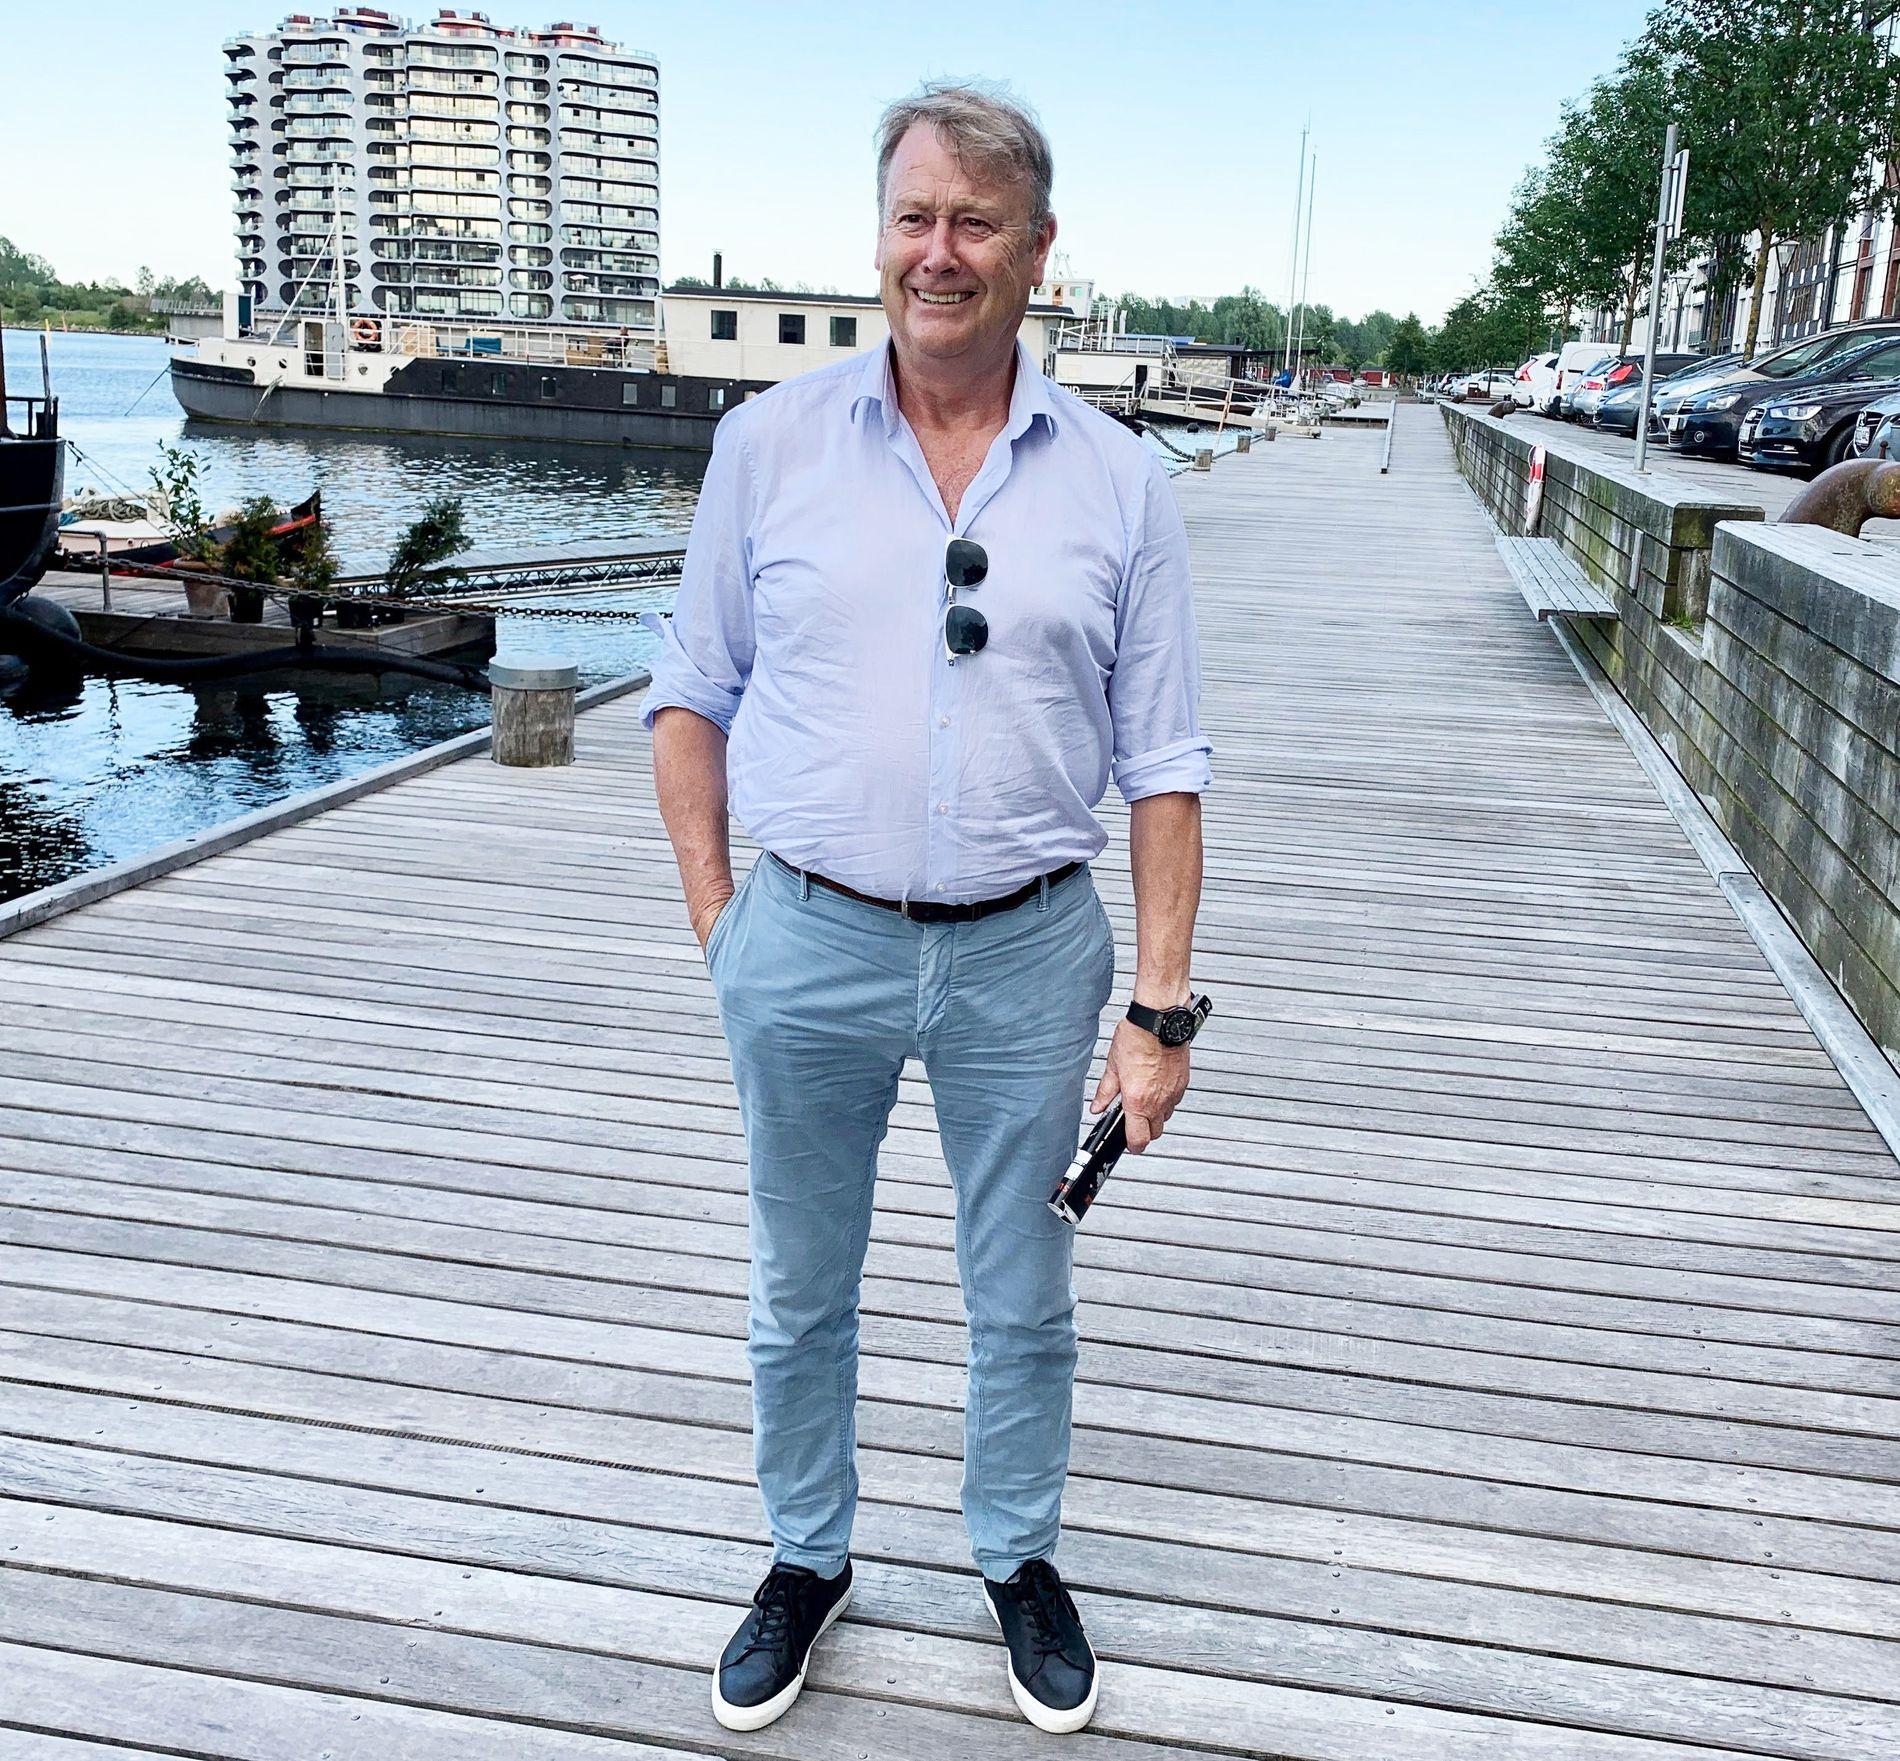 HJEMME: Her, i Sydhavnen i København, bor Åge Hareide. – Maks hundre dager i året, men det er veldig godt å ha et fast sted å bo, sier den danske landslagssjefen.